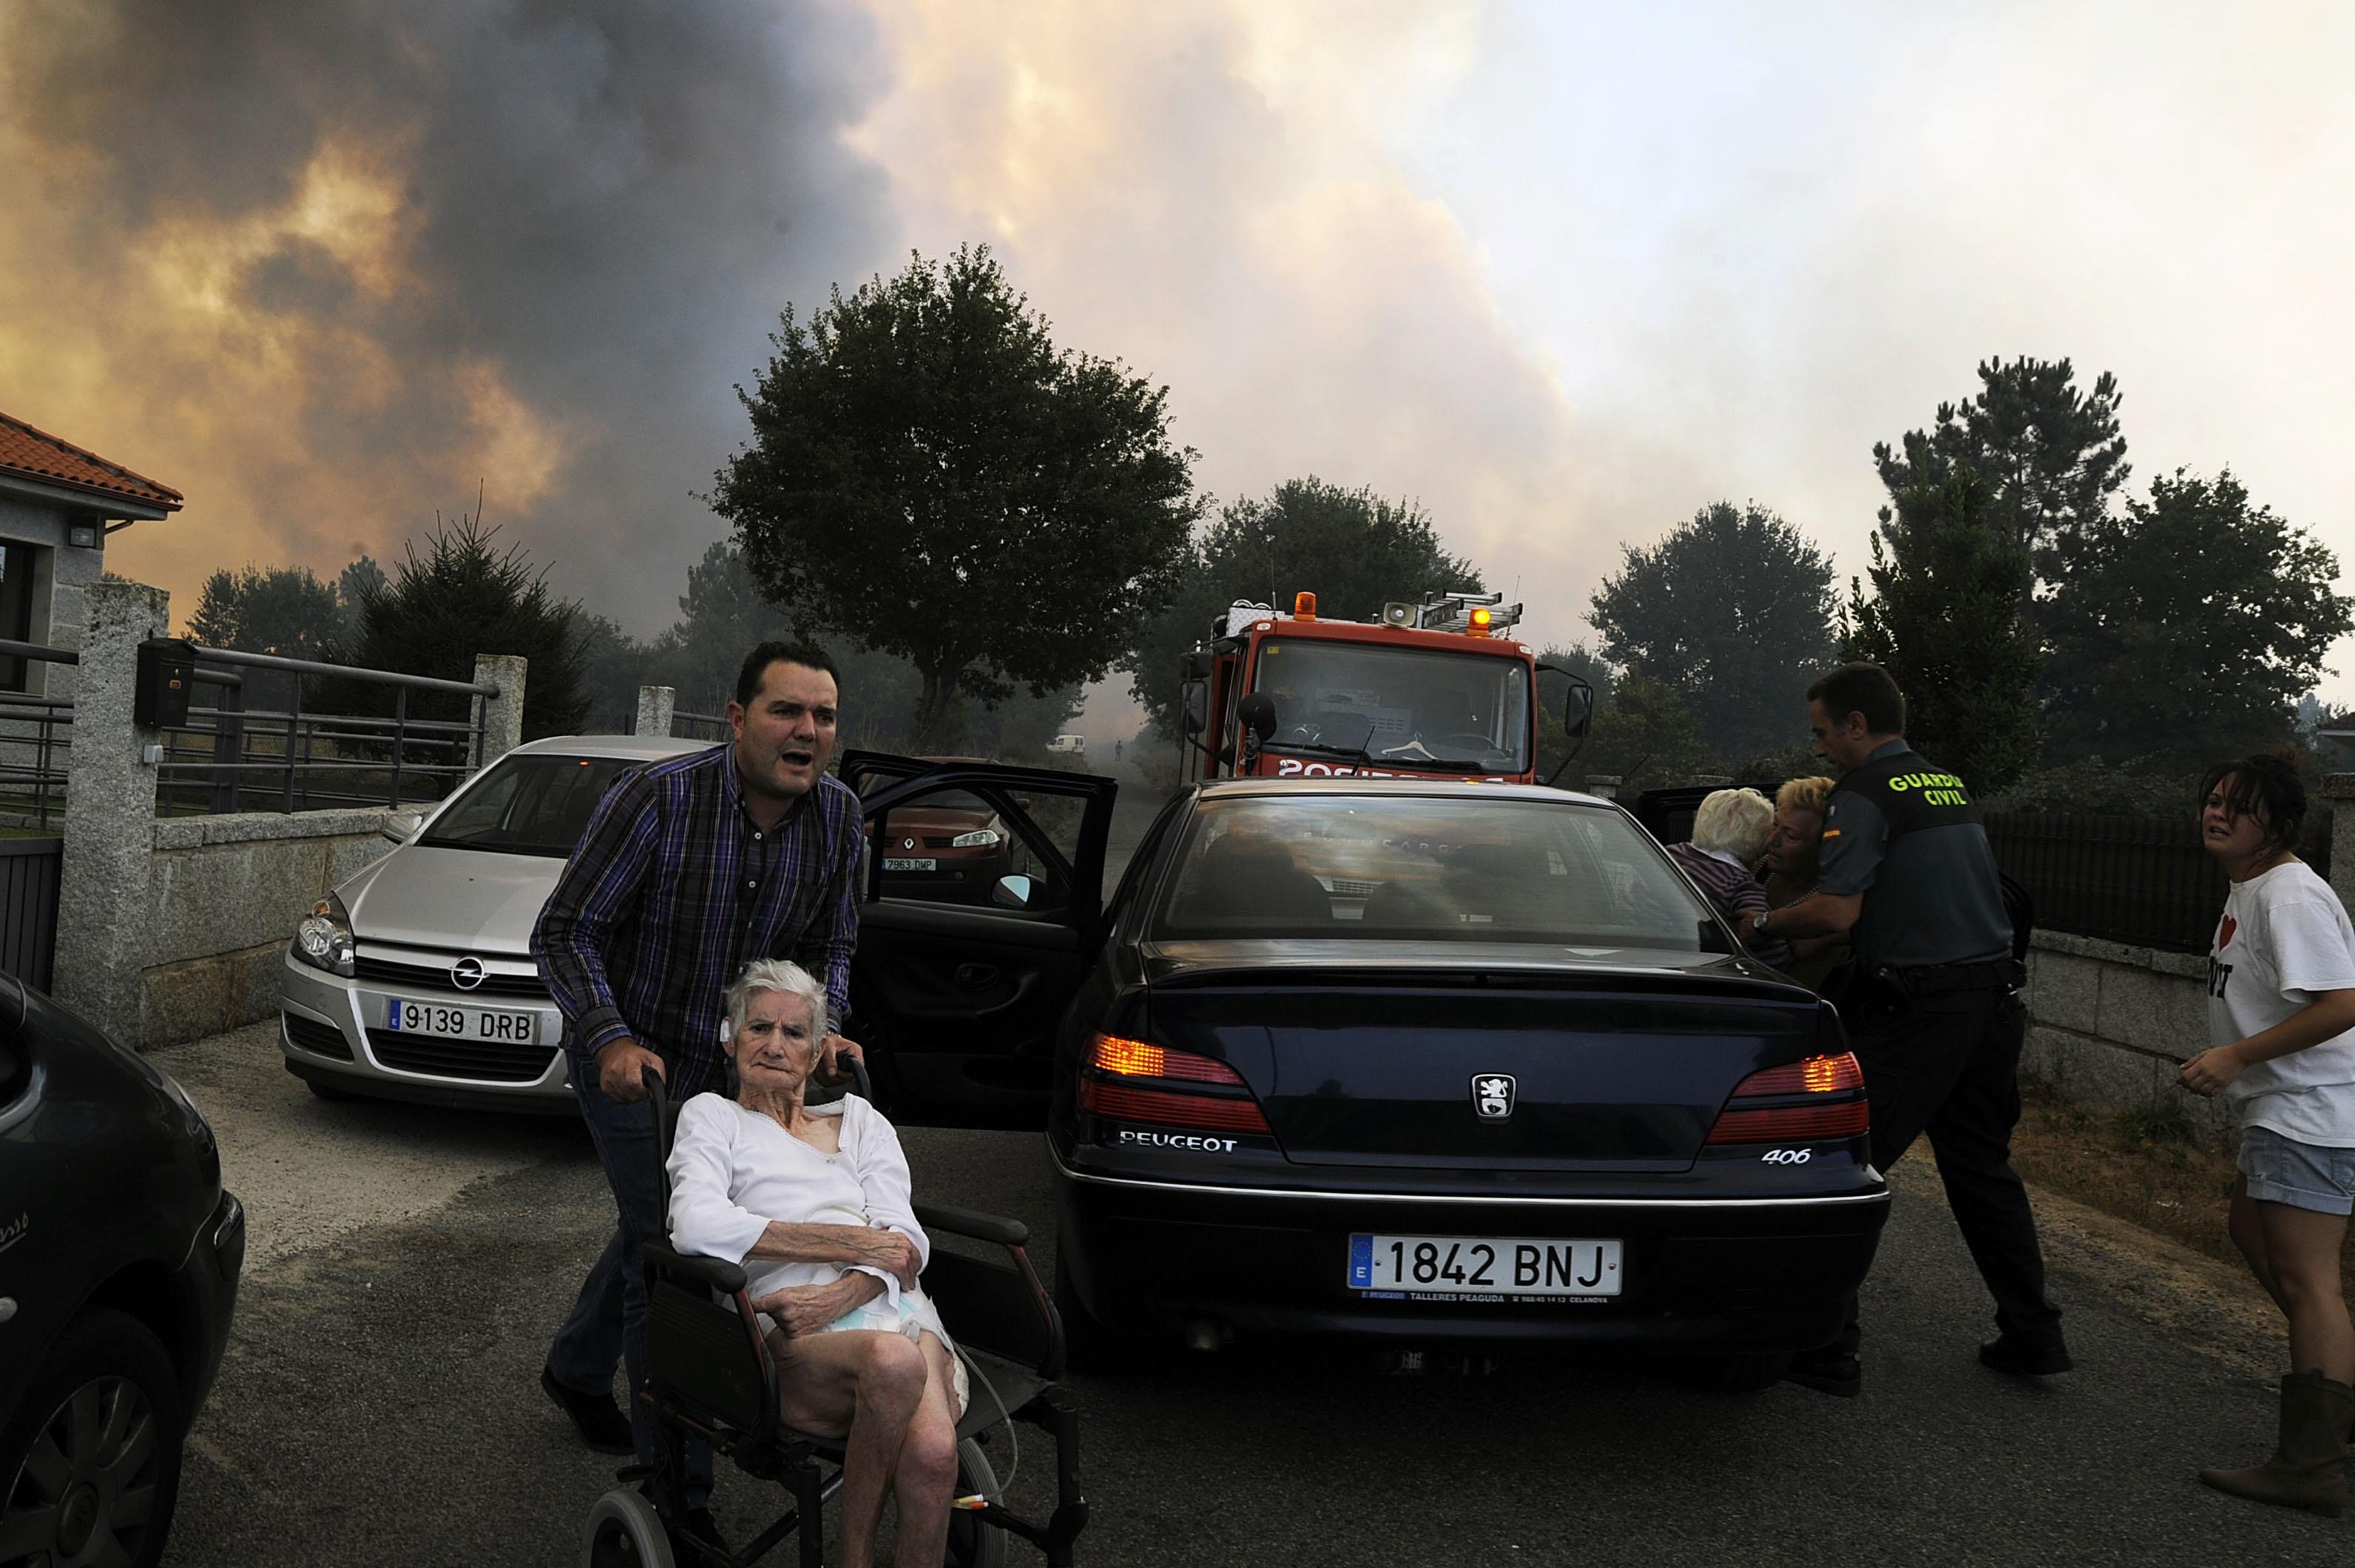 Un jefe de brigada sufre quemaduras de segundo grado en las manos en el incendio de A Merca (Ourense)